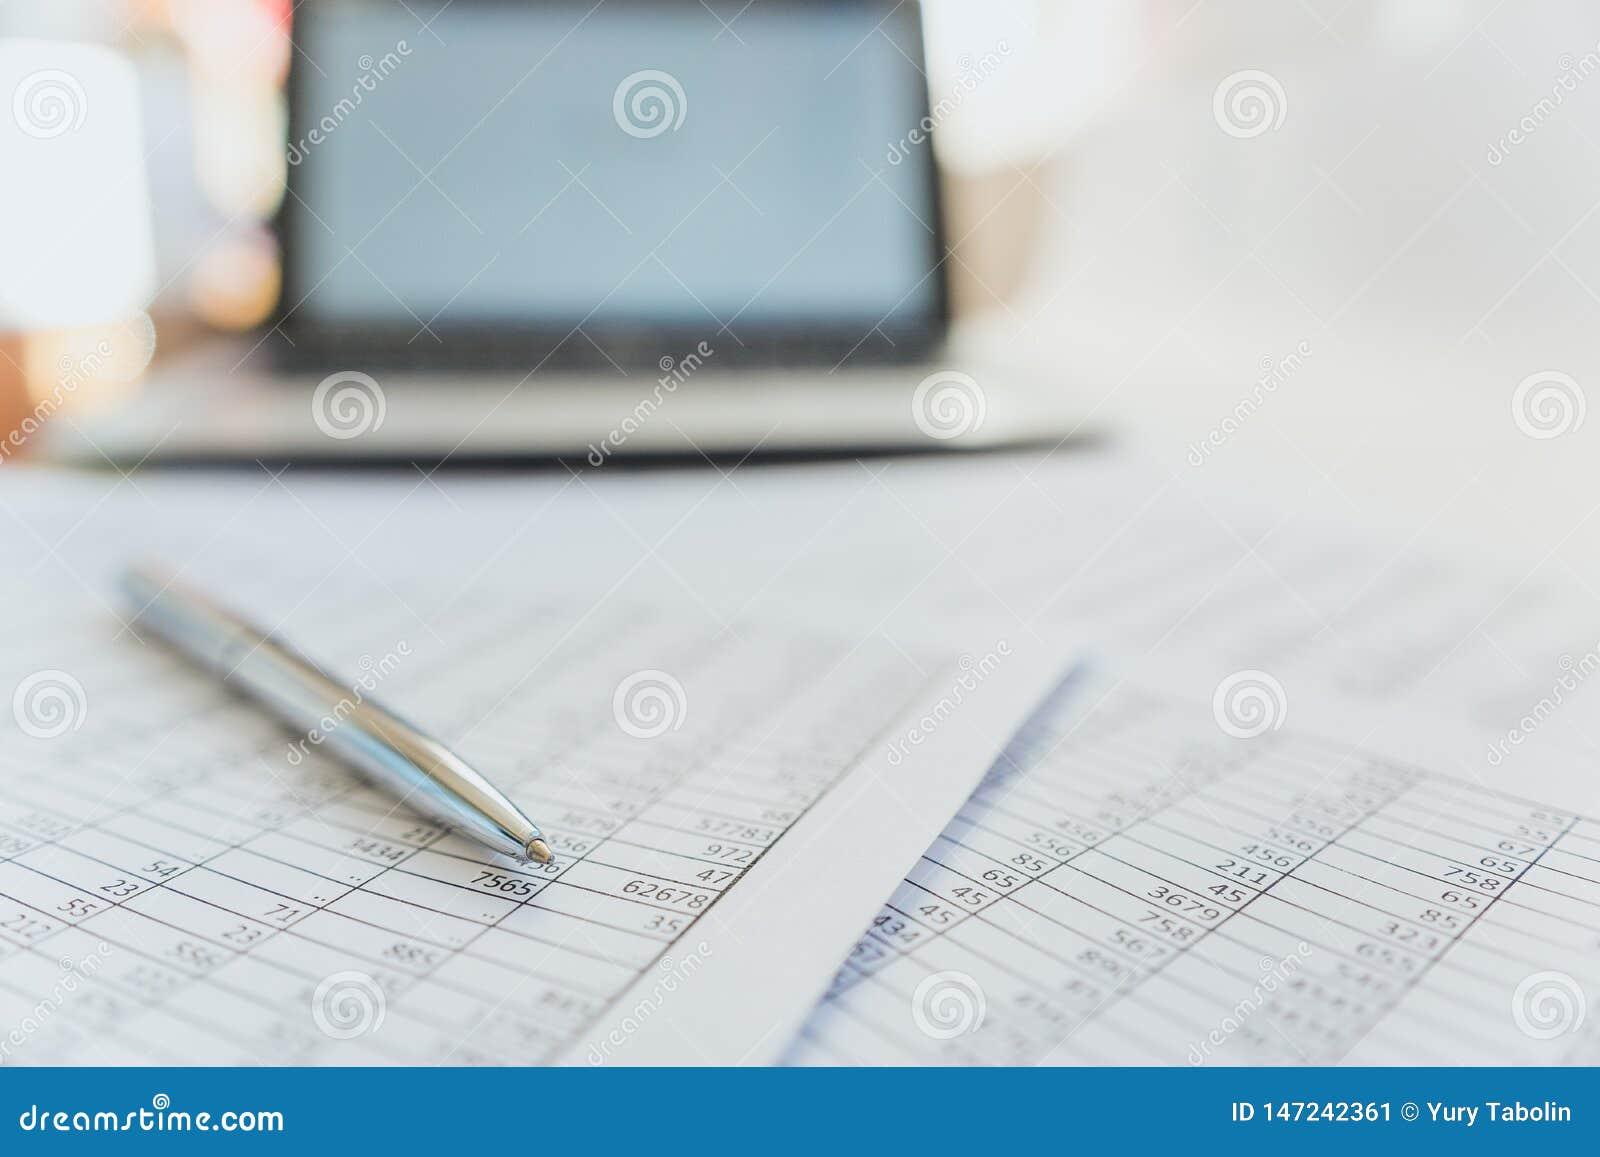 Belastingen en boekhouding Samenvattende tabel Pen en notitieboekje op documenten met berekeningen